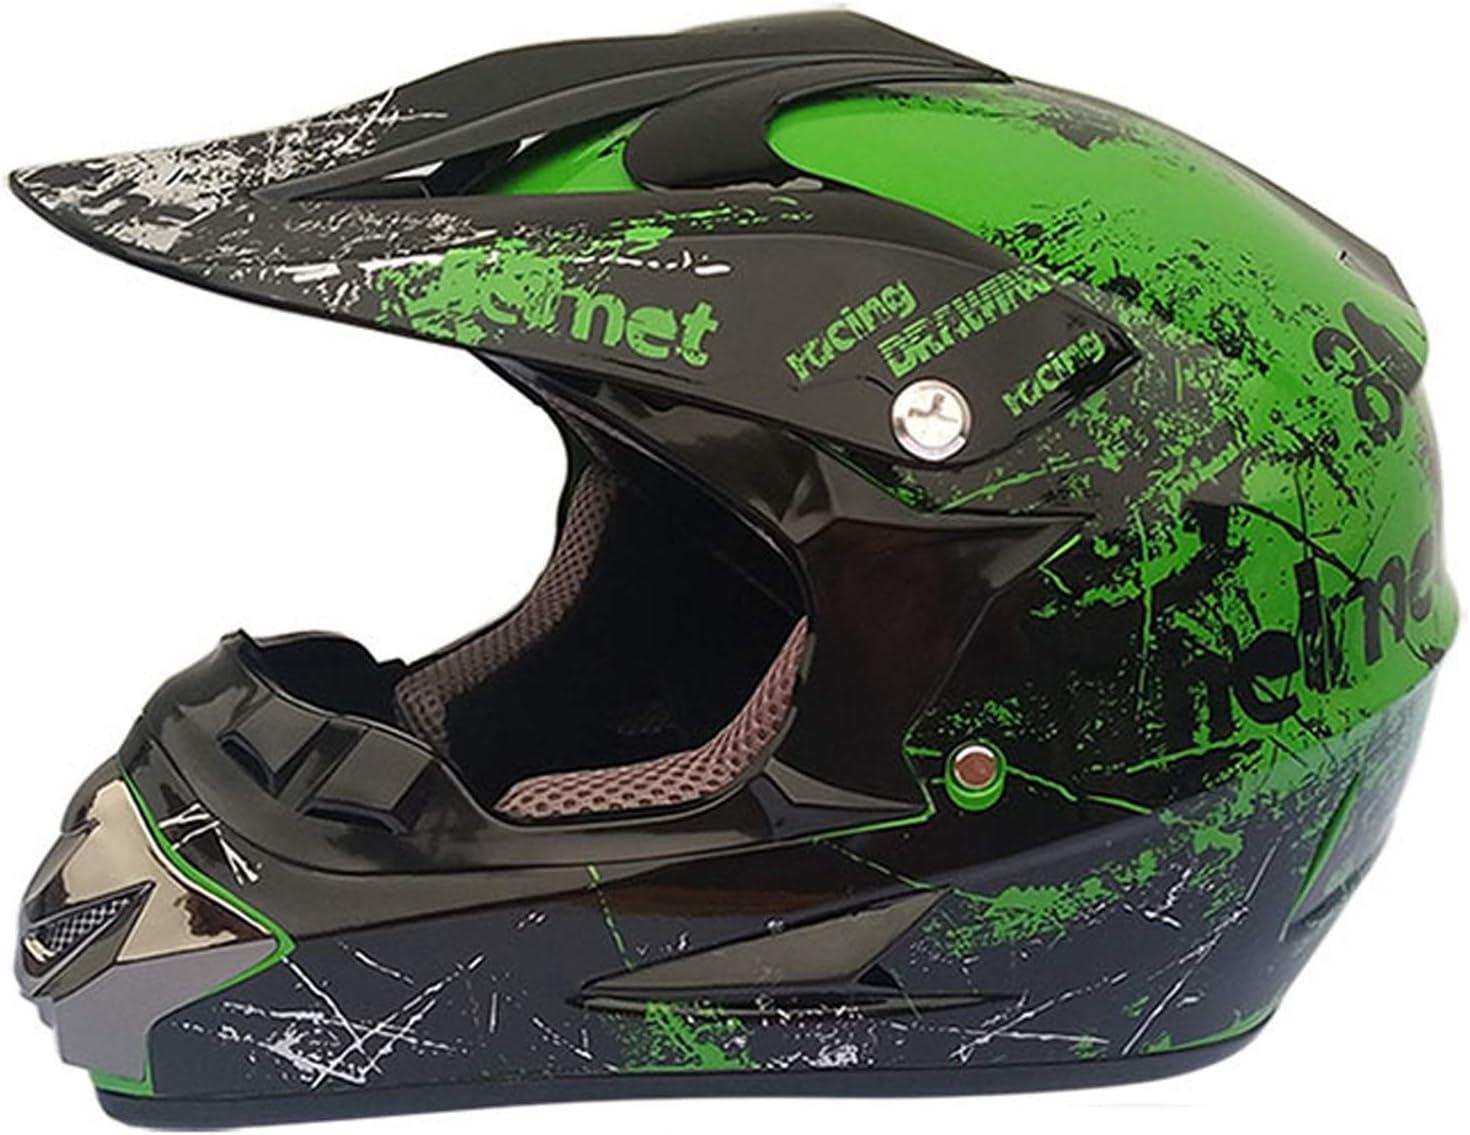 MGYQ Fuera De La Carretera Casco Casco de Moto Todoterreno para Hombre con Estampado Impreso Casco Integral de Motocross con Gafas máscara y Guantes, Unisex